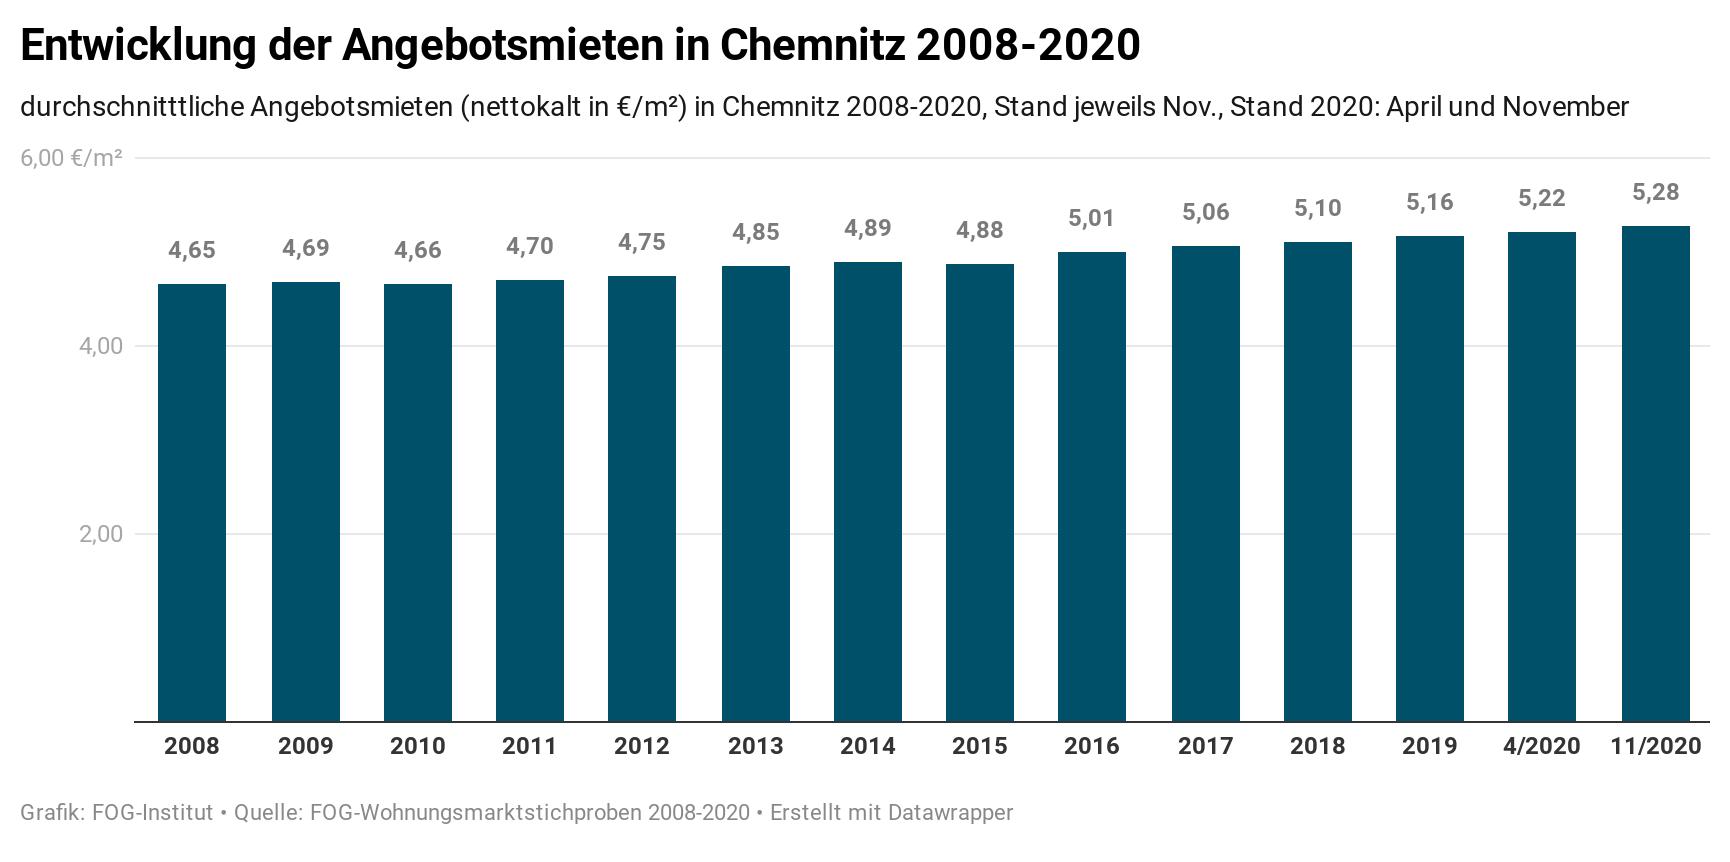 Wohnungsmarkt-Report Chemnitz 2021/22: steigende Angebotsmieten bei sinkender Bevölkerungszahl